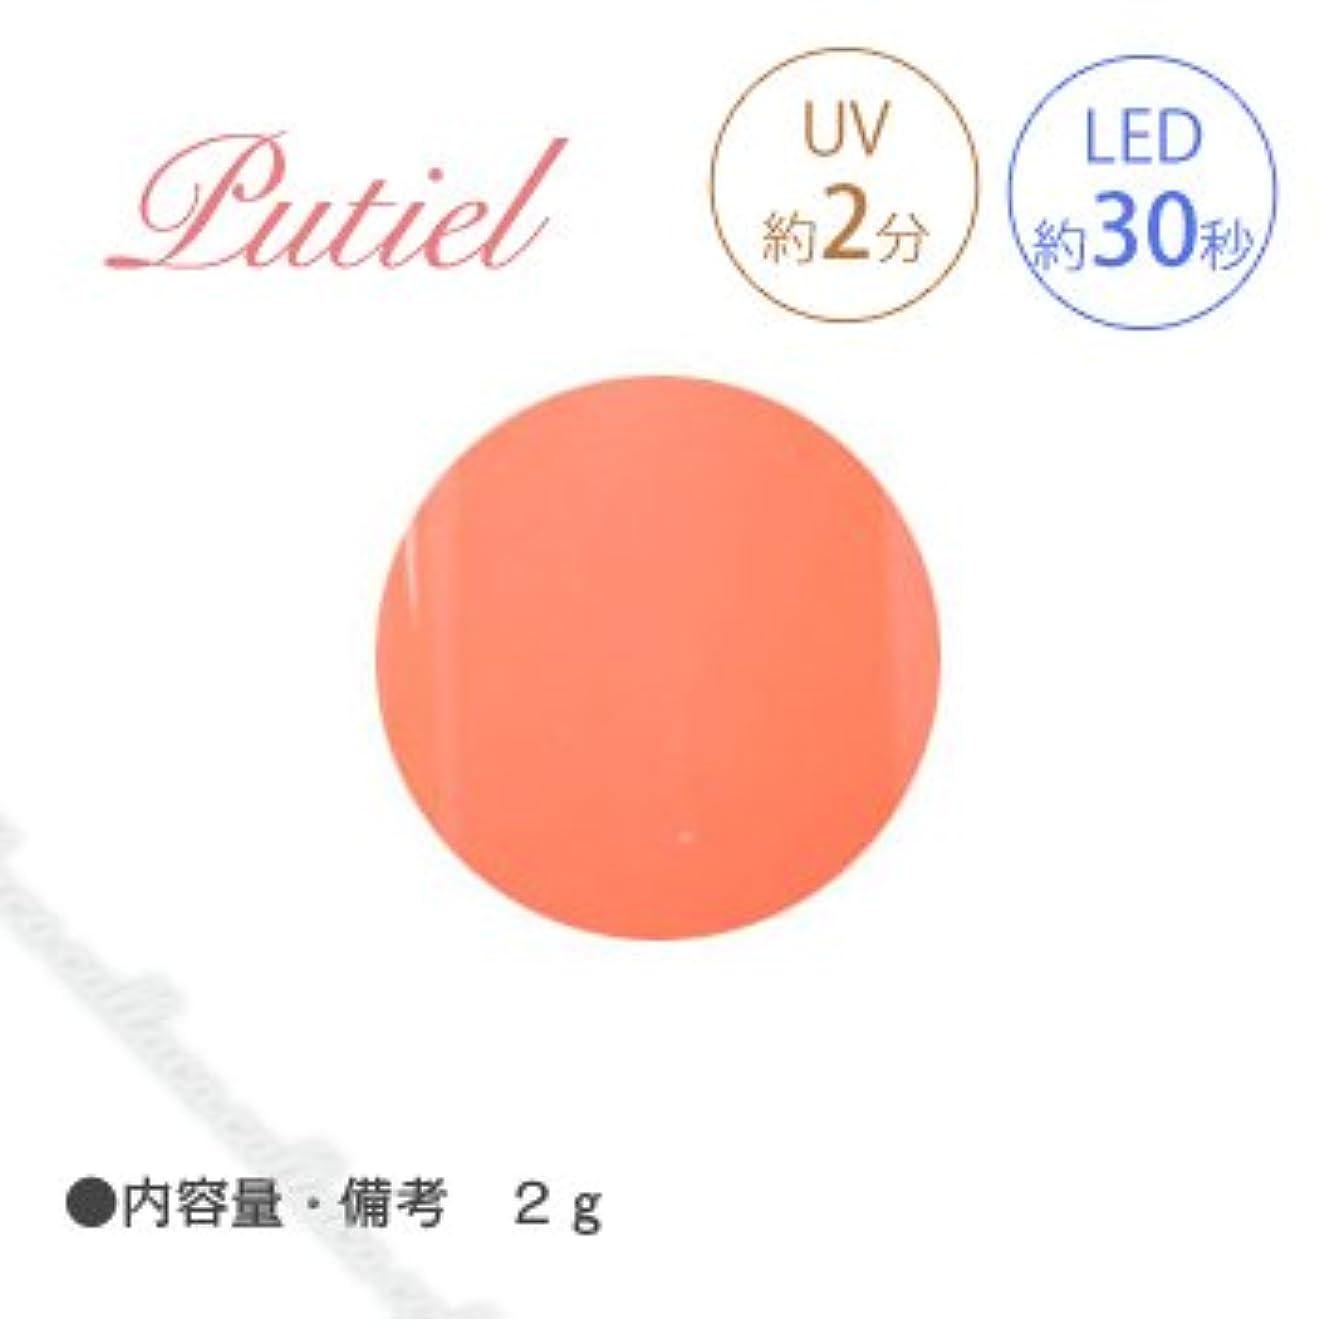 粘着性才能チョップPutiel プティール カラージェル 107 ビタミンオレンジ 2g